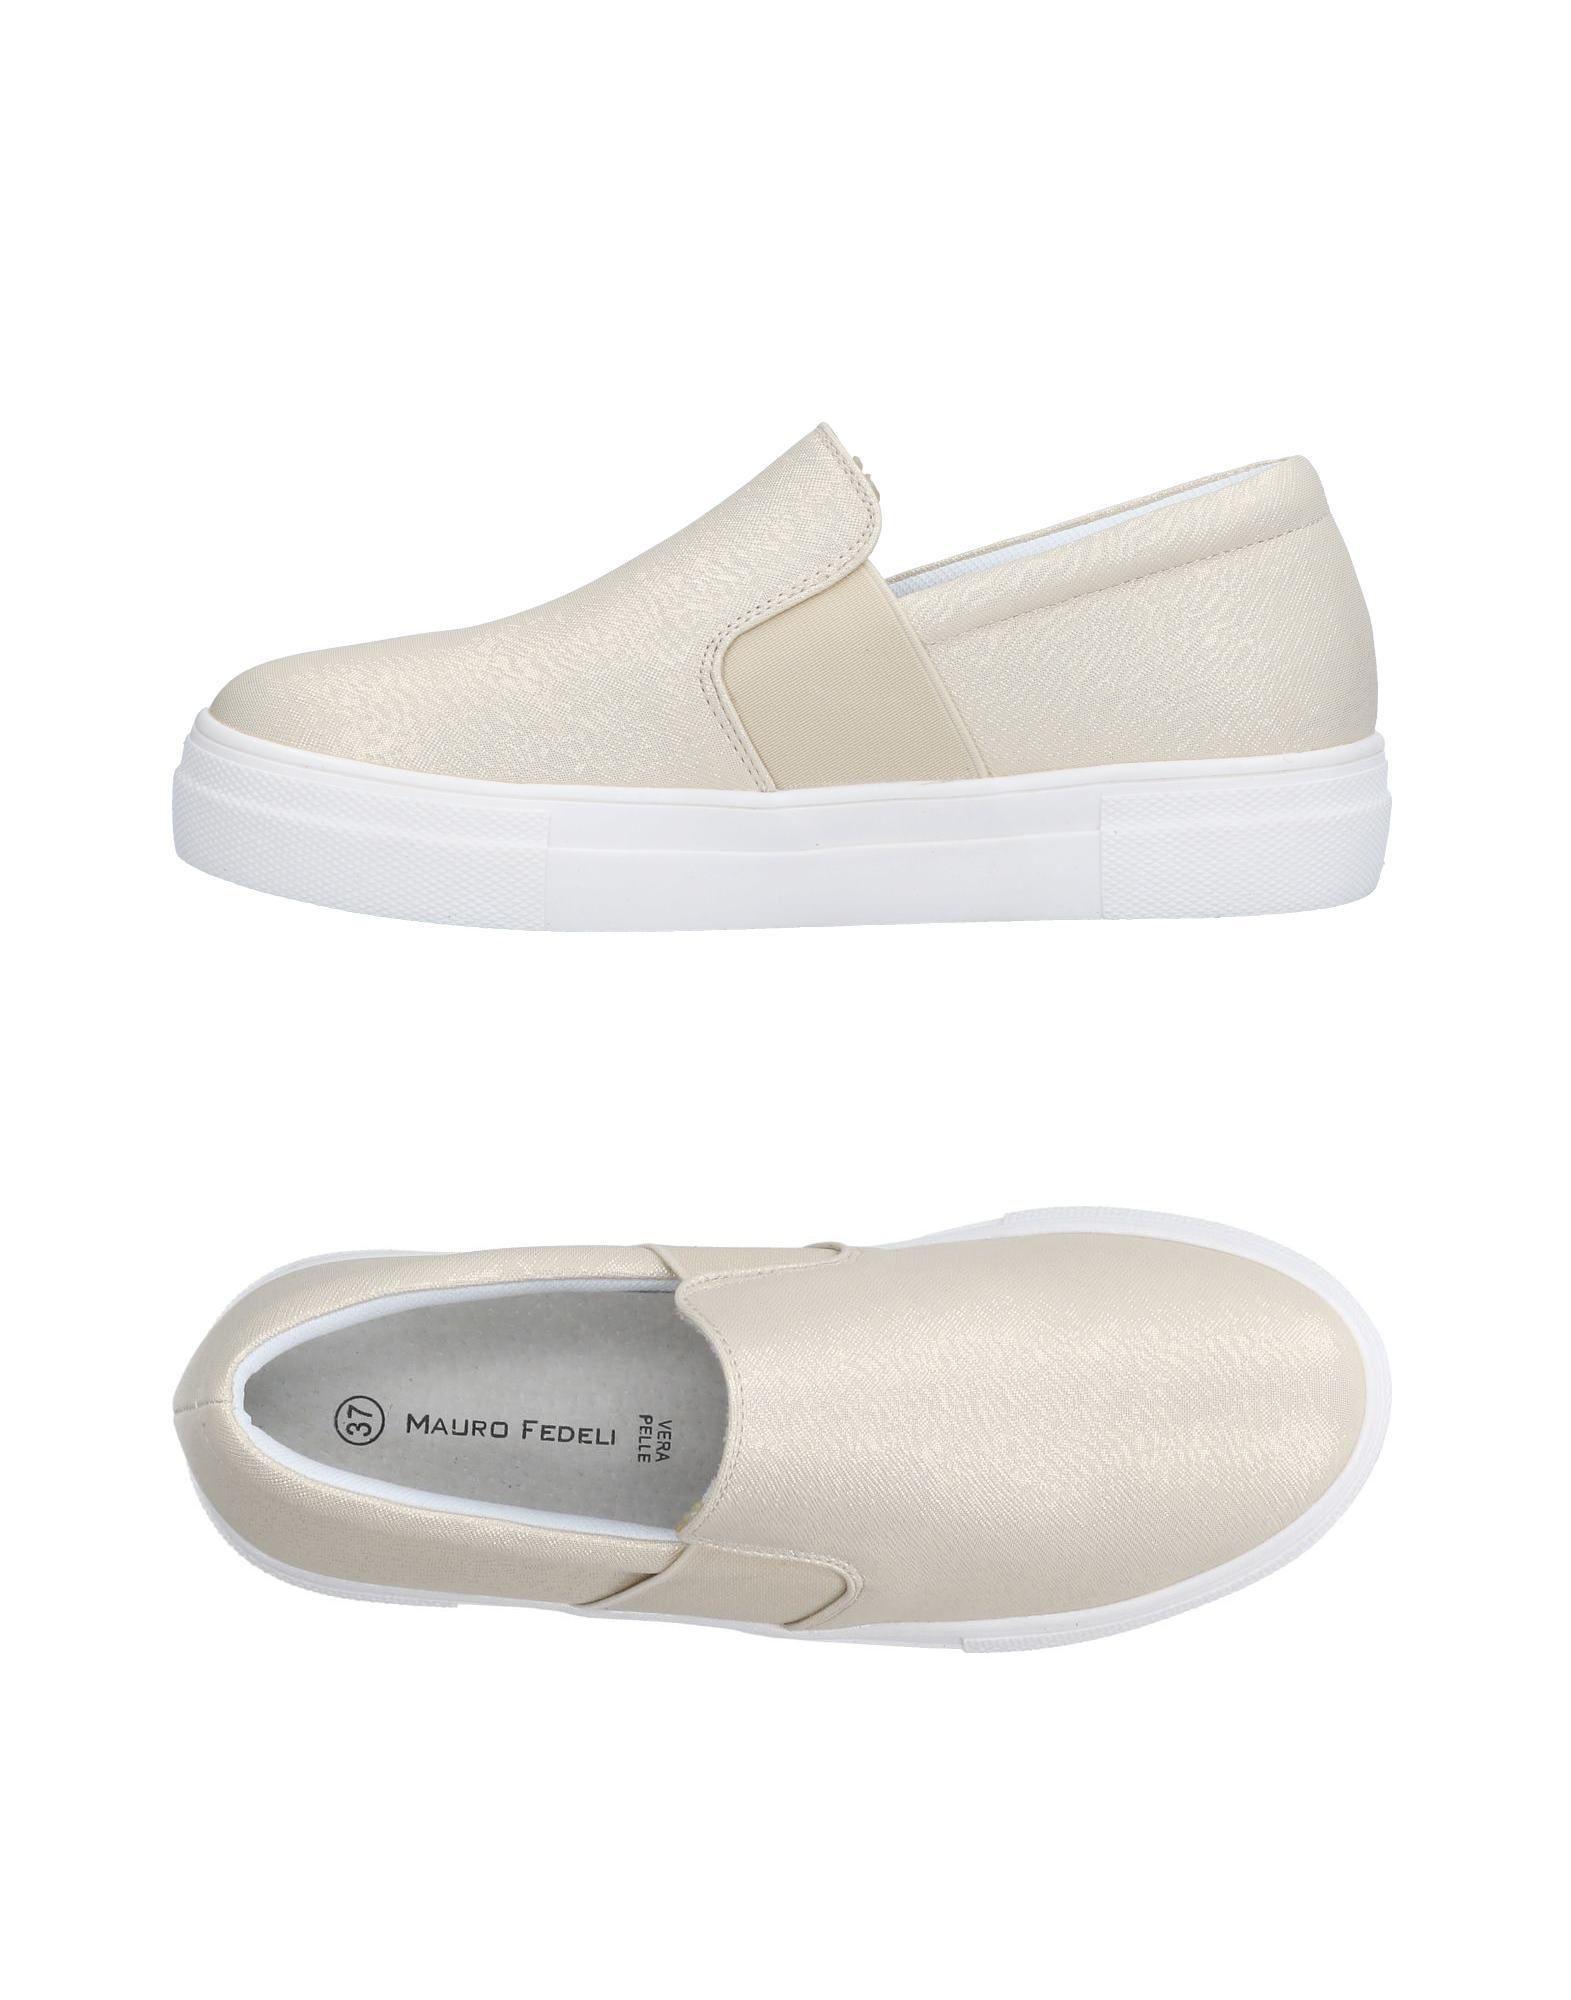 FOOTWEAR - Low-tops & sneakers Mauro Fedeli yneD9D5